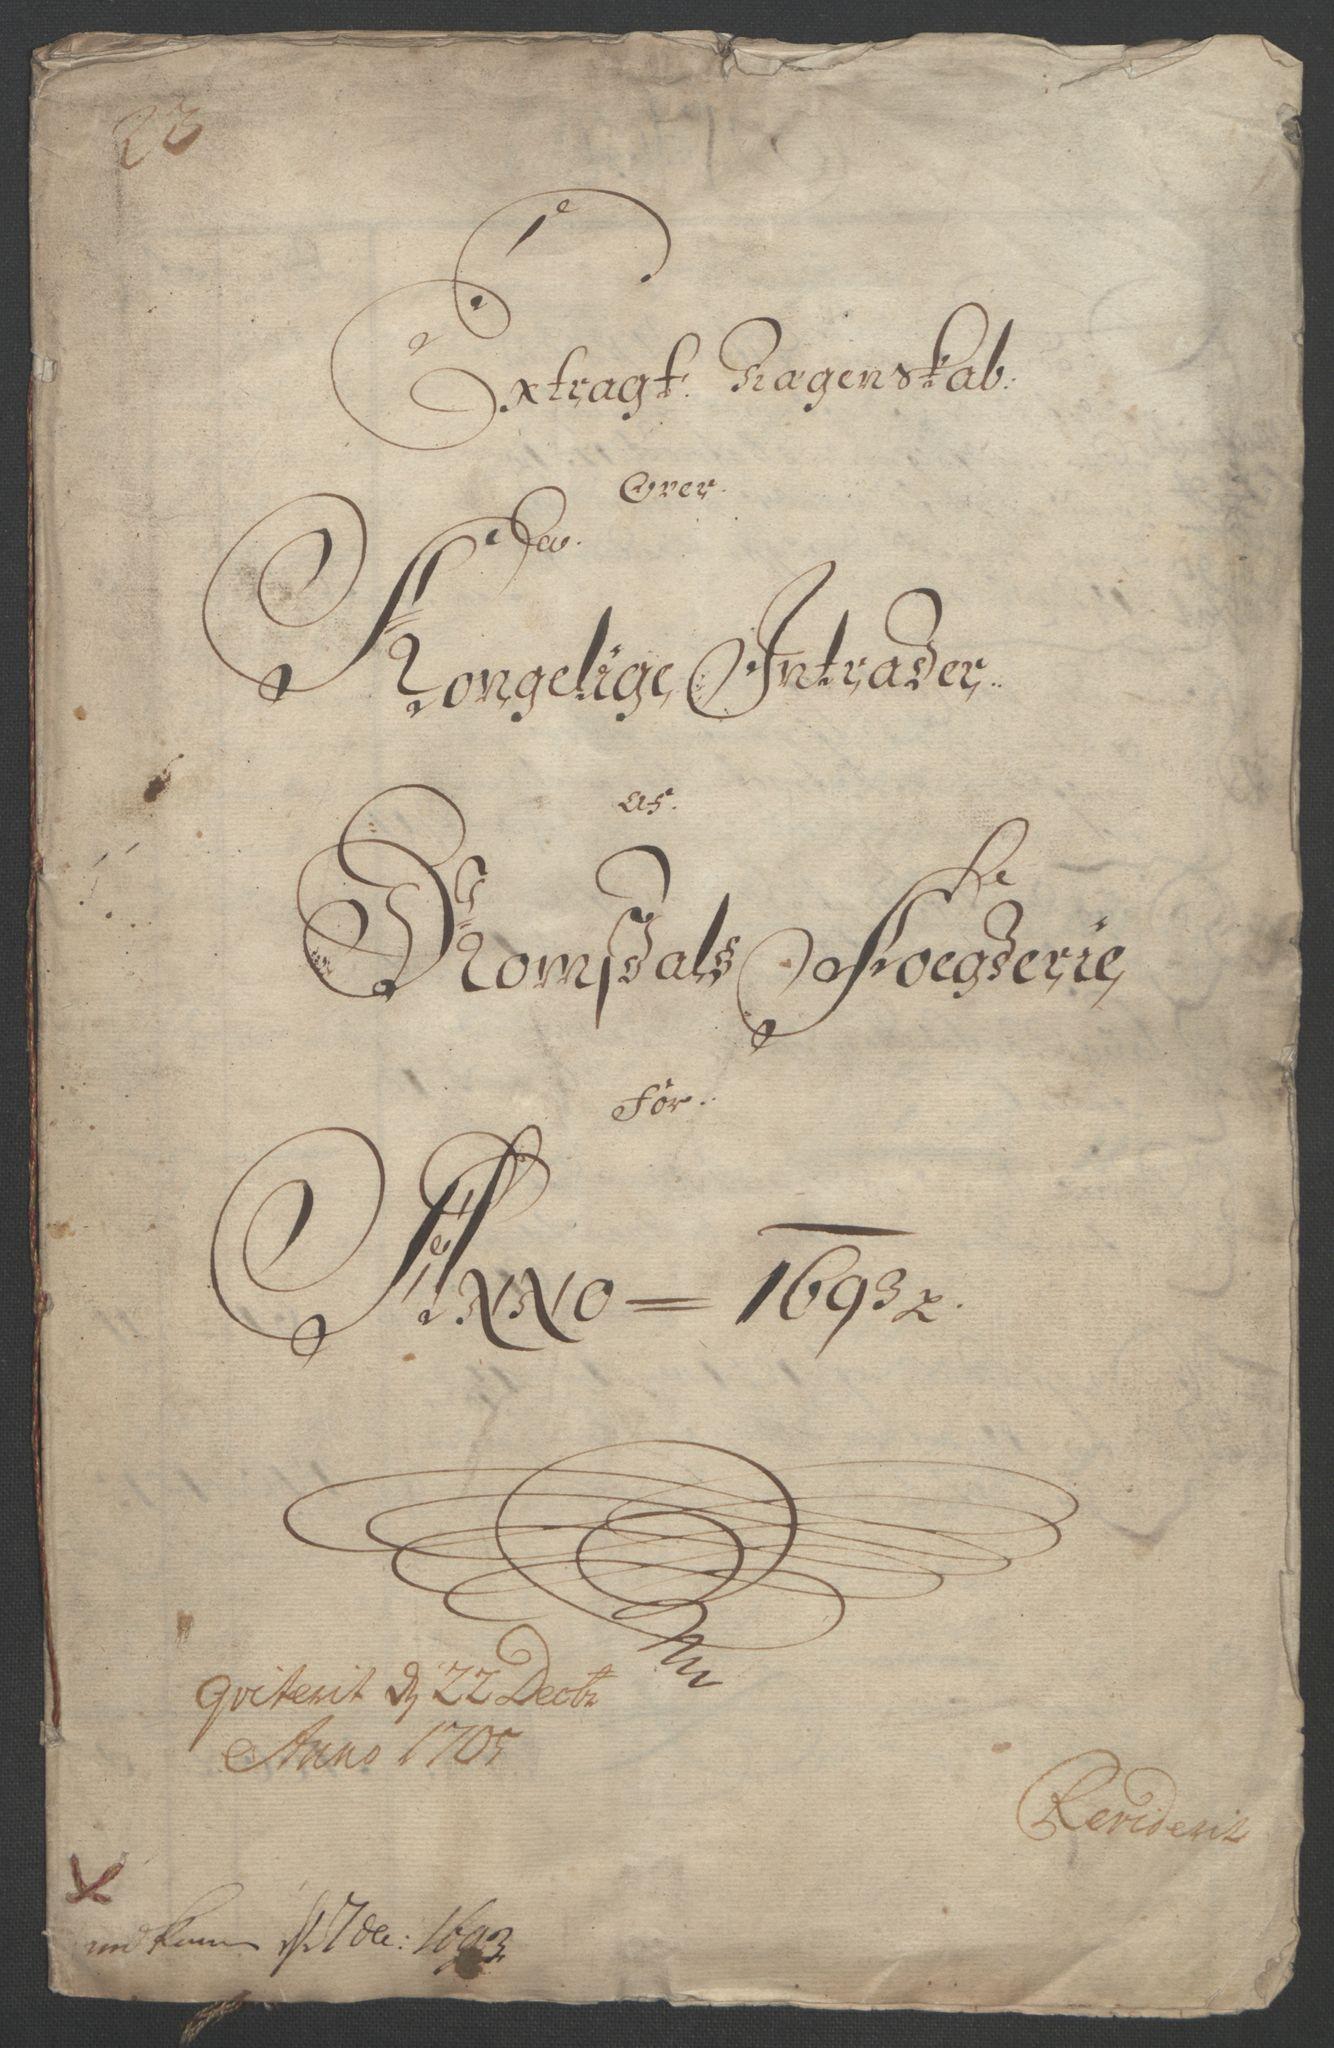 RA, Rentekammeret inntil 1814, Reviderte regnskaper, Fogderegnskap, R55/L3651: Fogderegnskap Romsdal, 1693-1694, s. 3